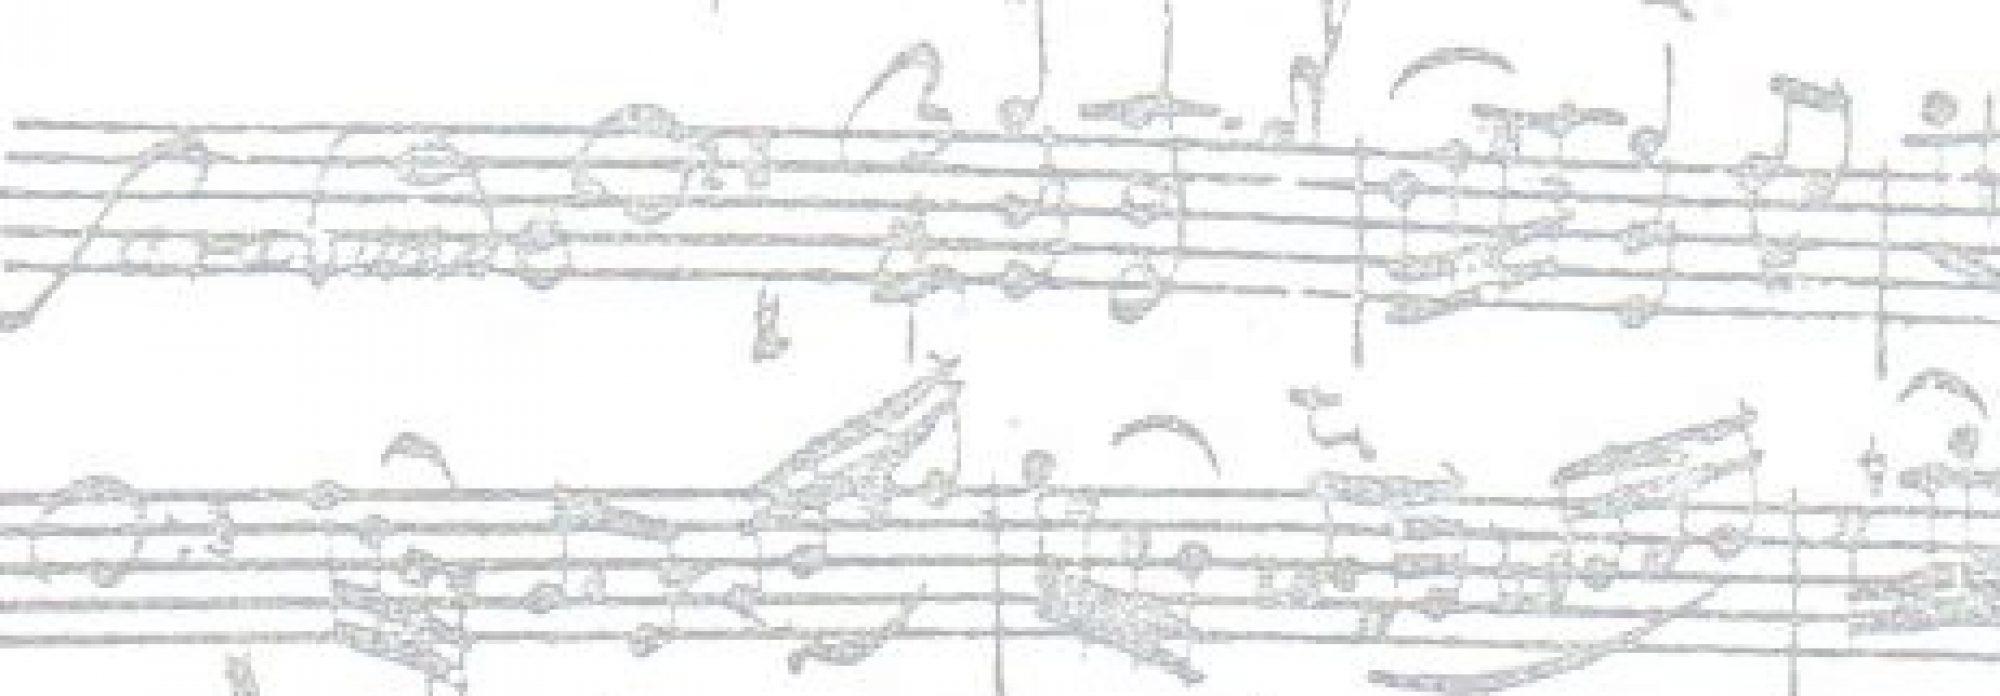 Musikunterricht in Wien und Workshops